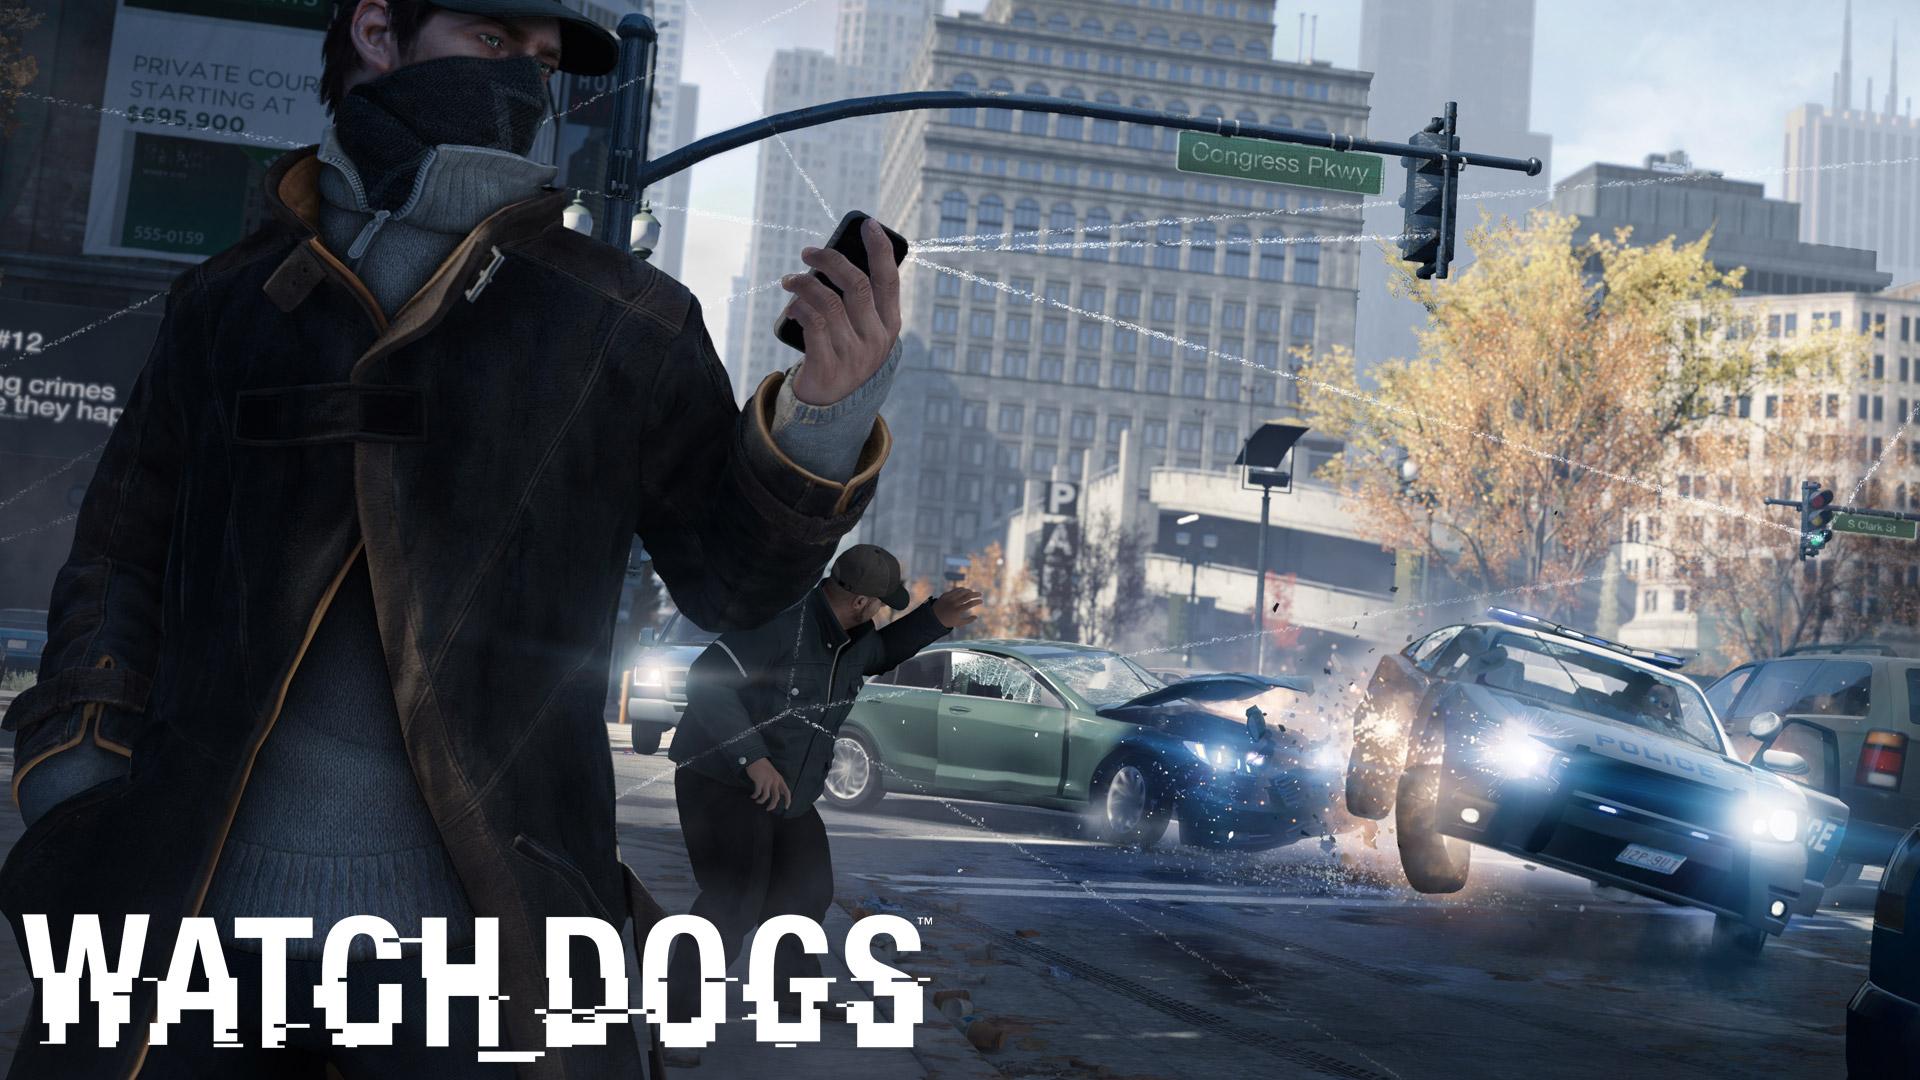 Watch Dogs wallpaper 8